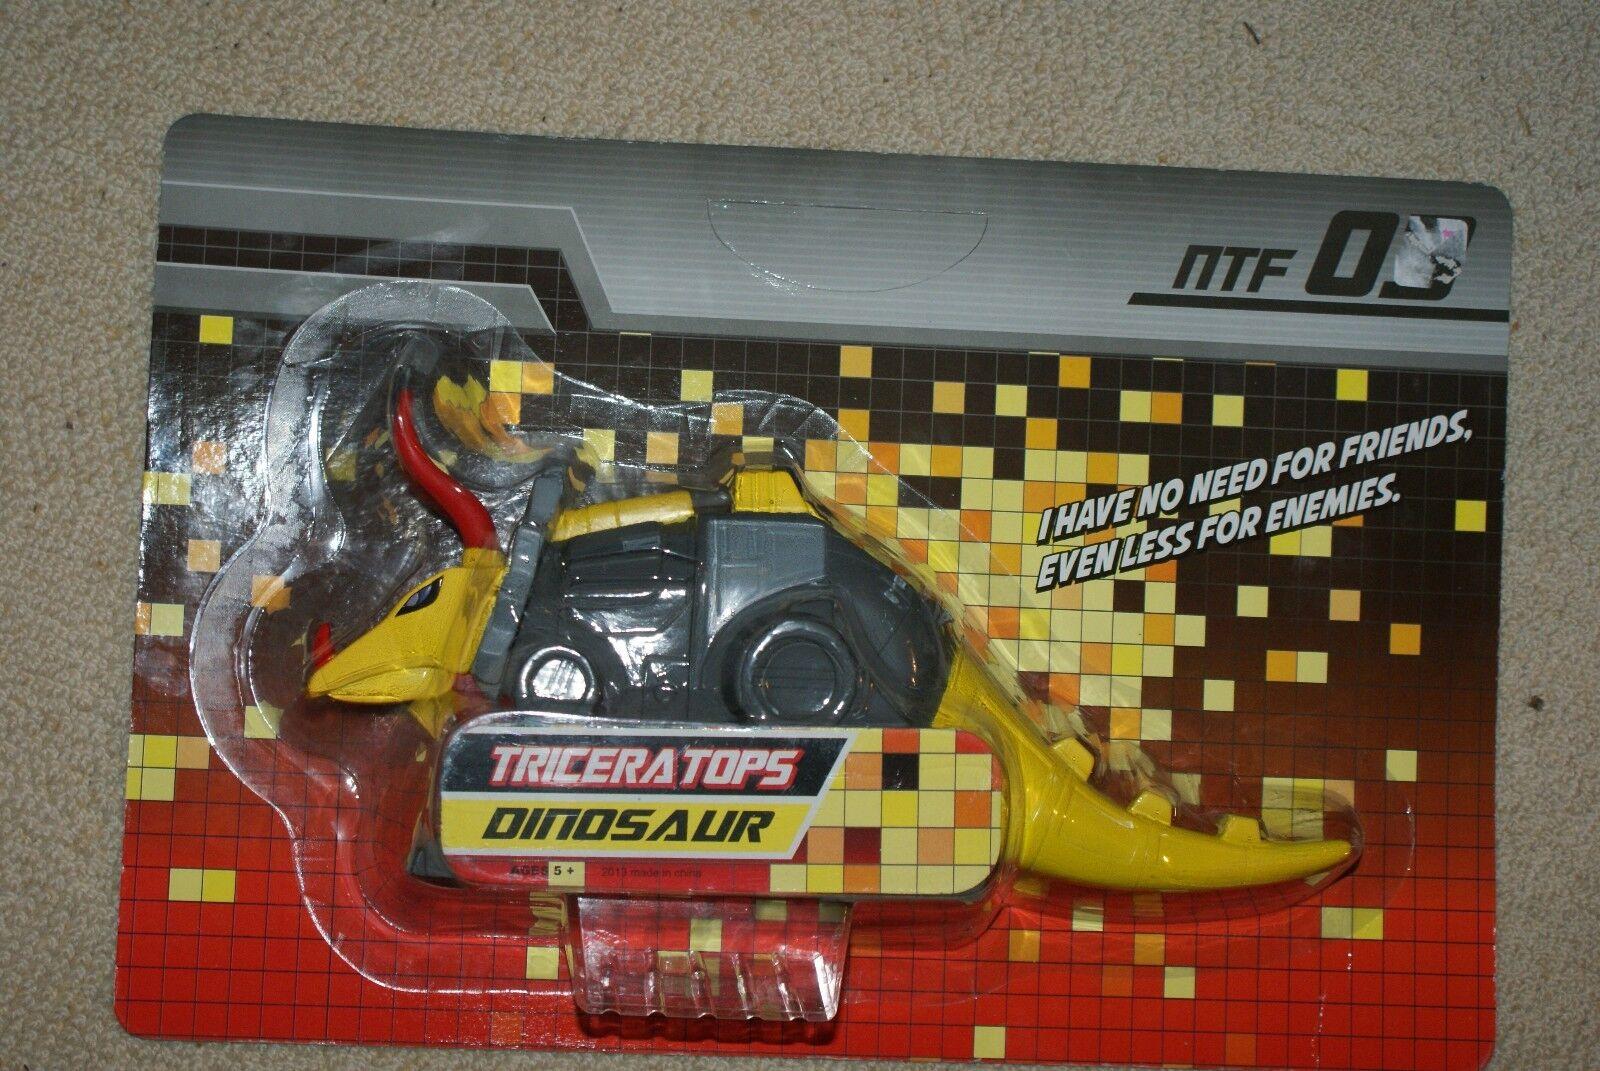 NTF-03 Robot Triceratops Dinosaur 6  Vinyl Non-Transforming Slag Figure Rare